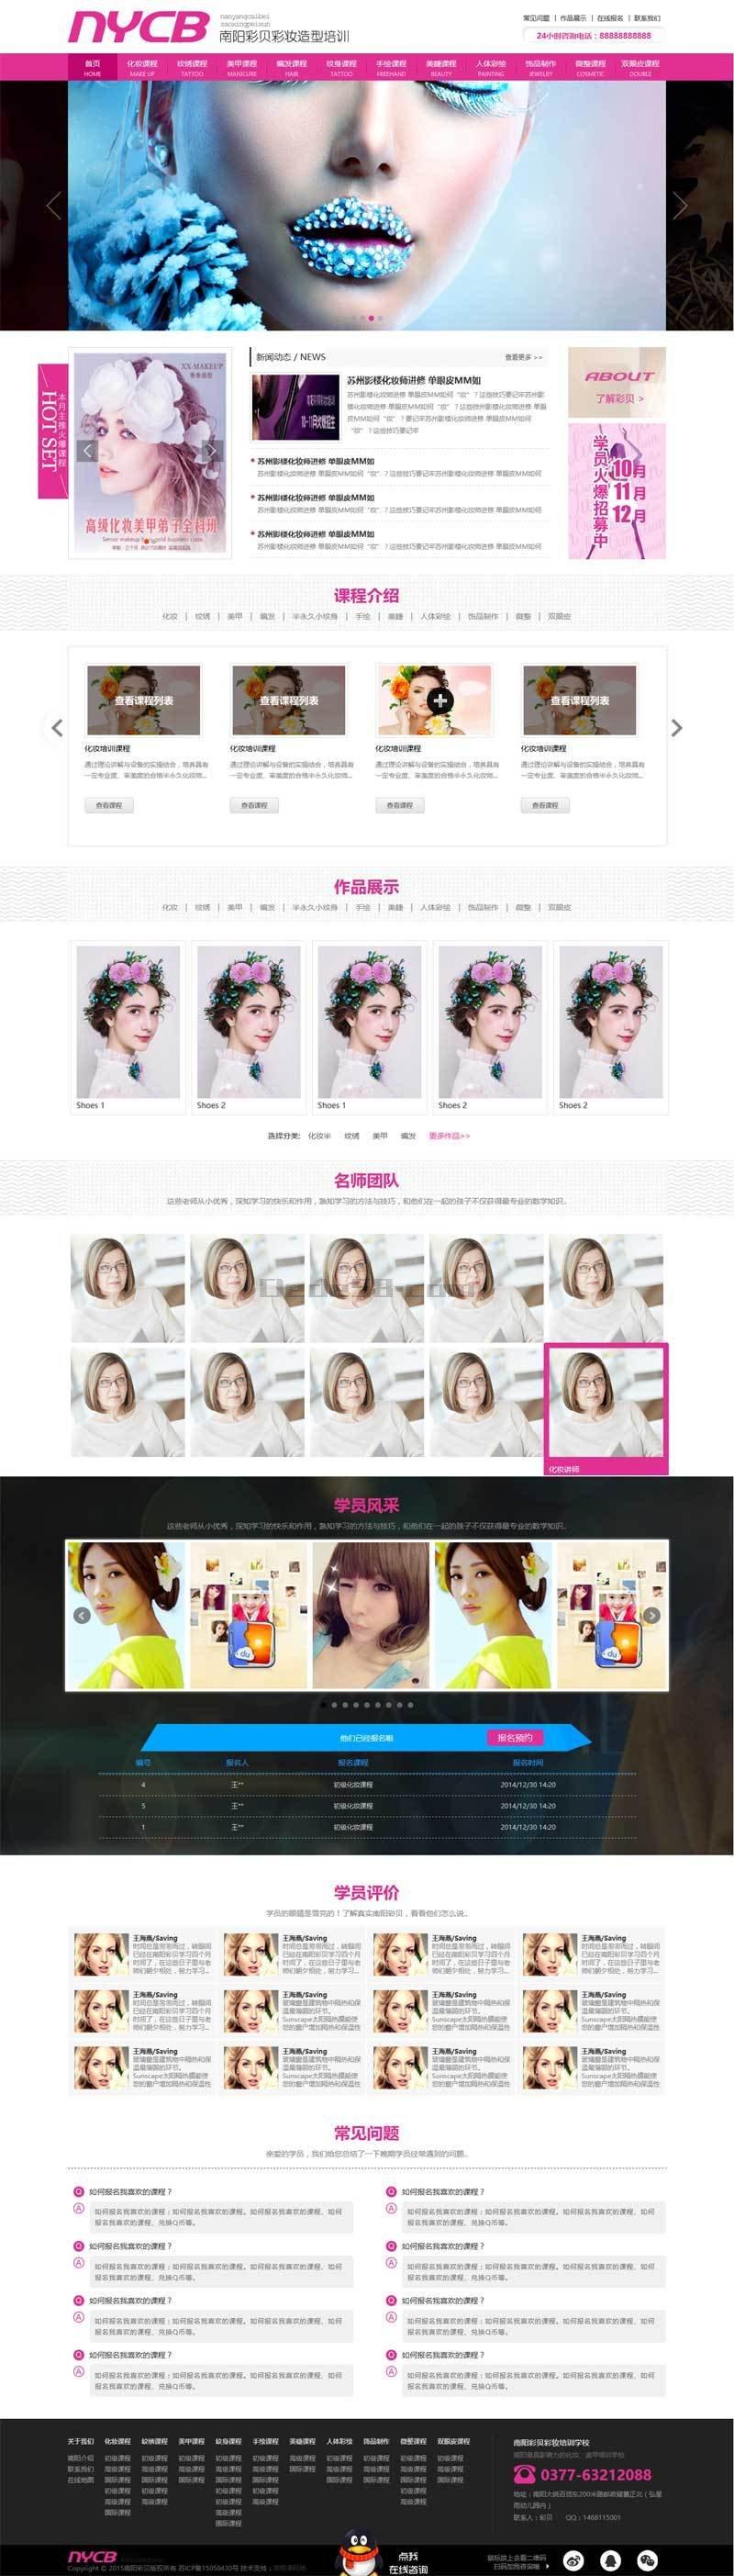 大气简洁的化妆造型培训公司网站html模板